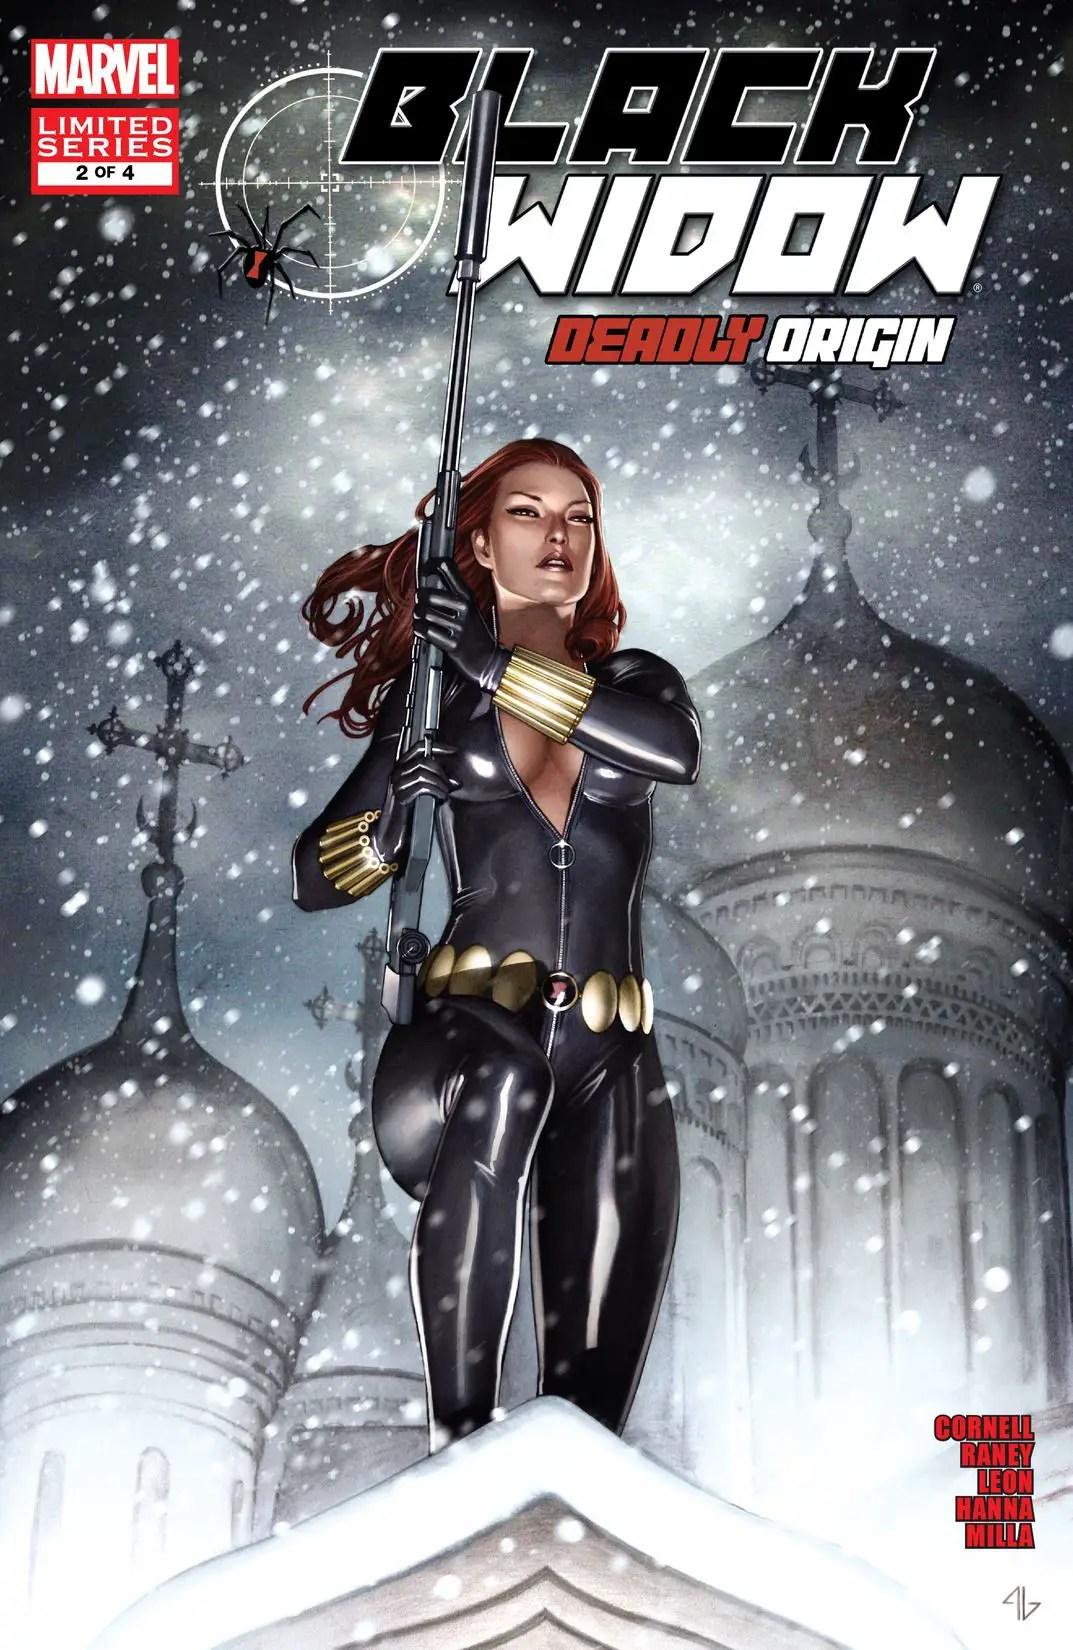 Black Widow: Widowmaker TPB Review